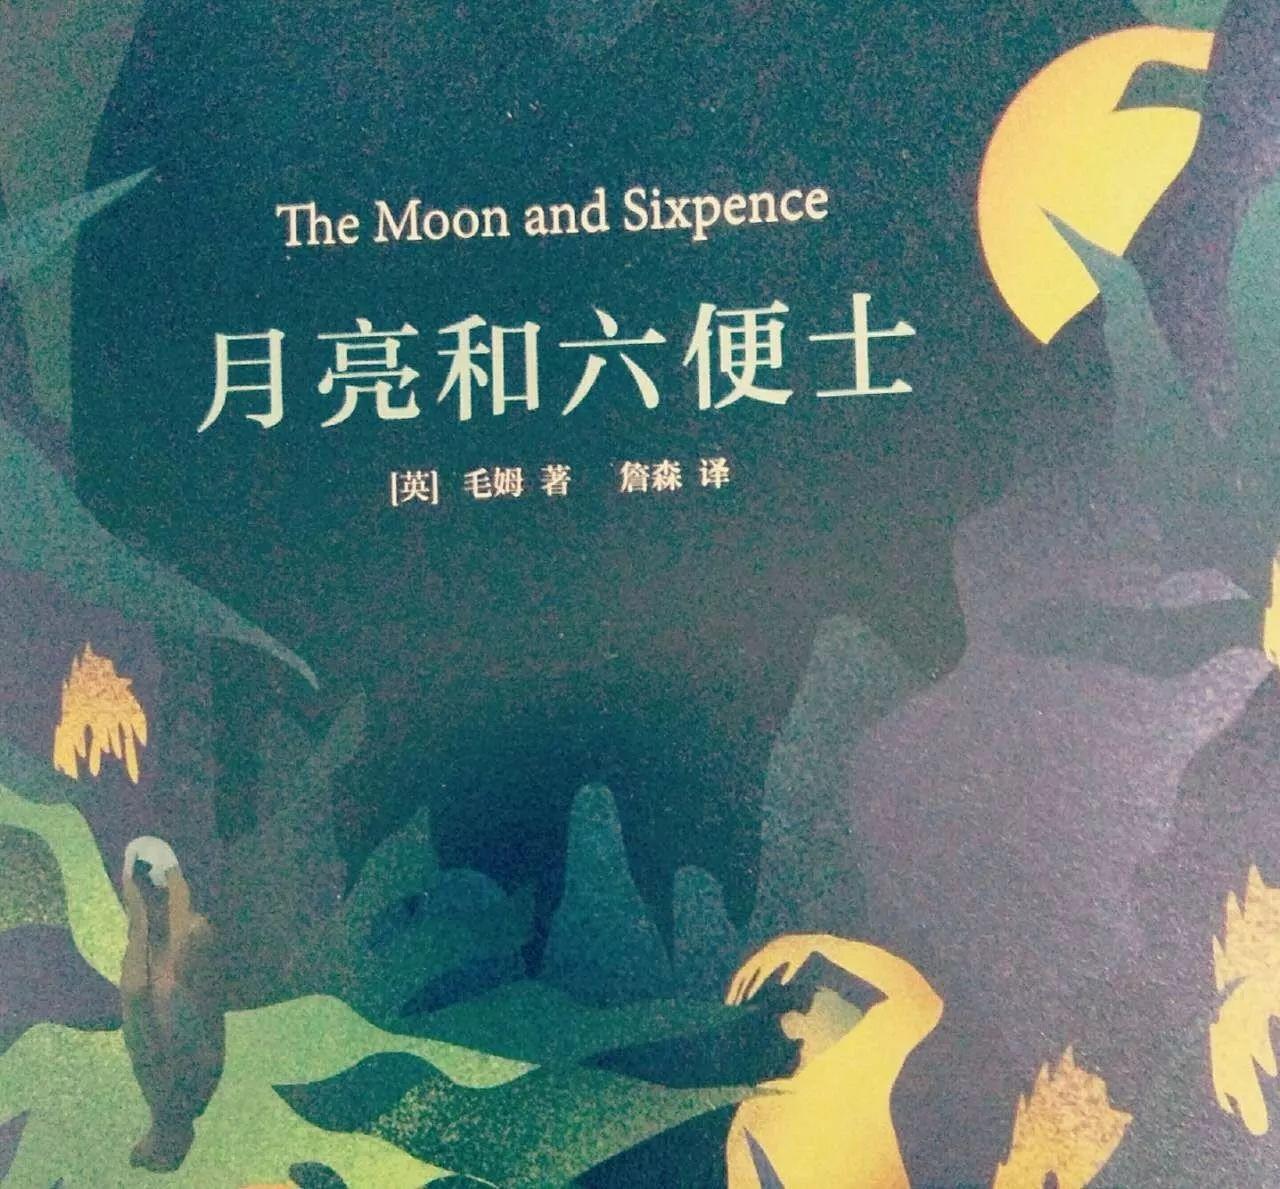 从《月亮和六便士》看到的另一个高度